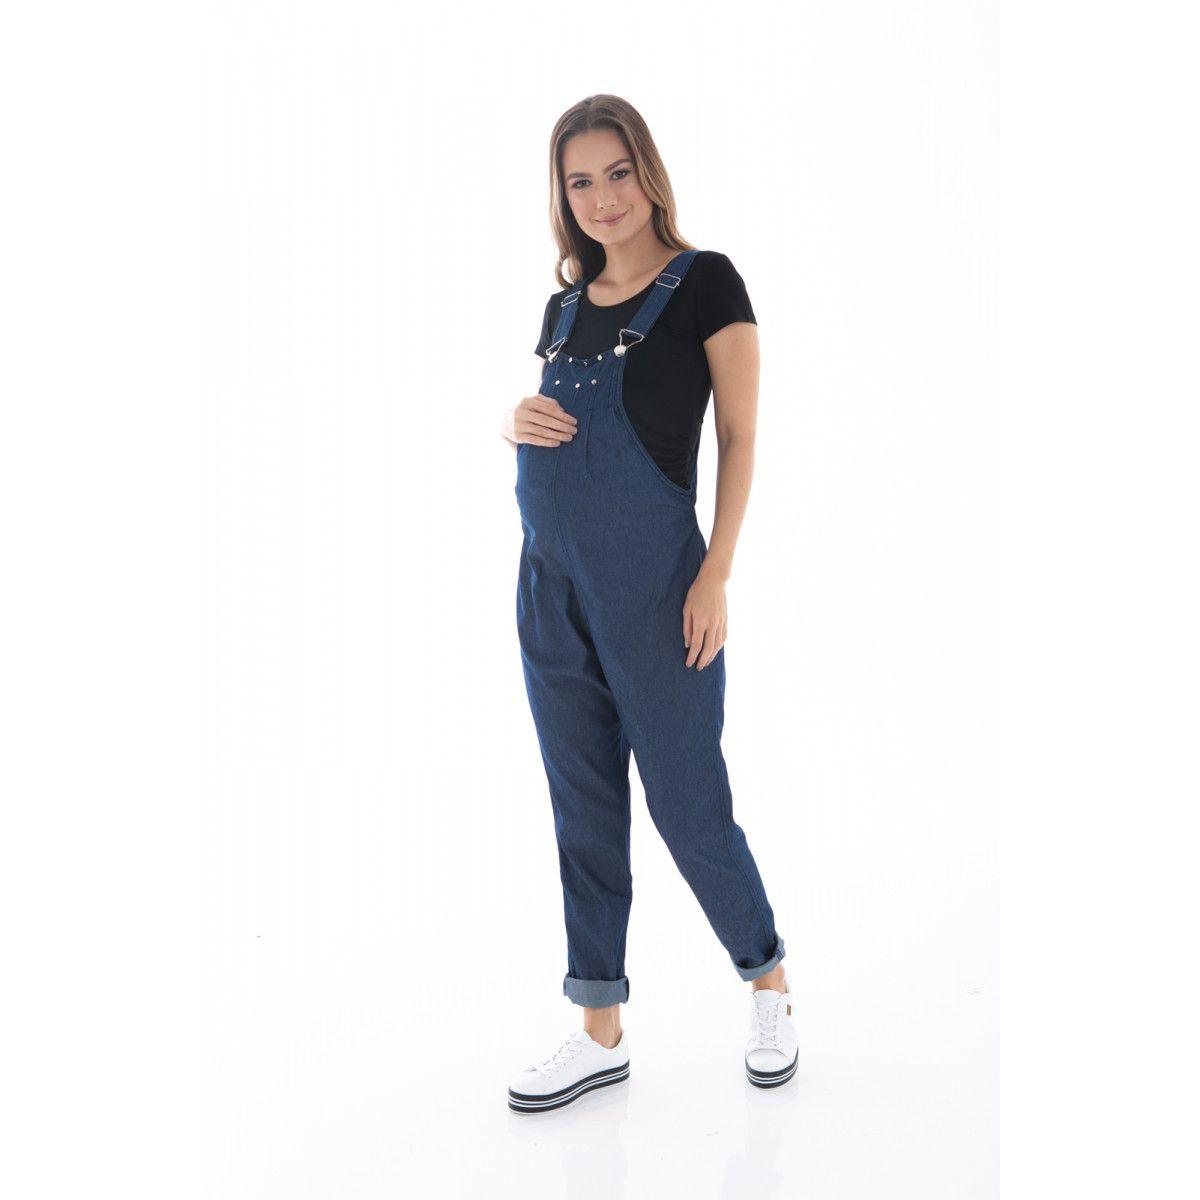 a269783d6 Jardineira Gestante, o macacão jeans longo possui regulagem de alça e  cintura, podendo ser